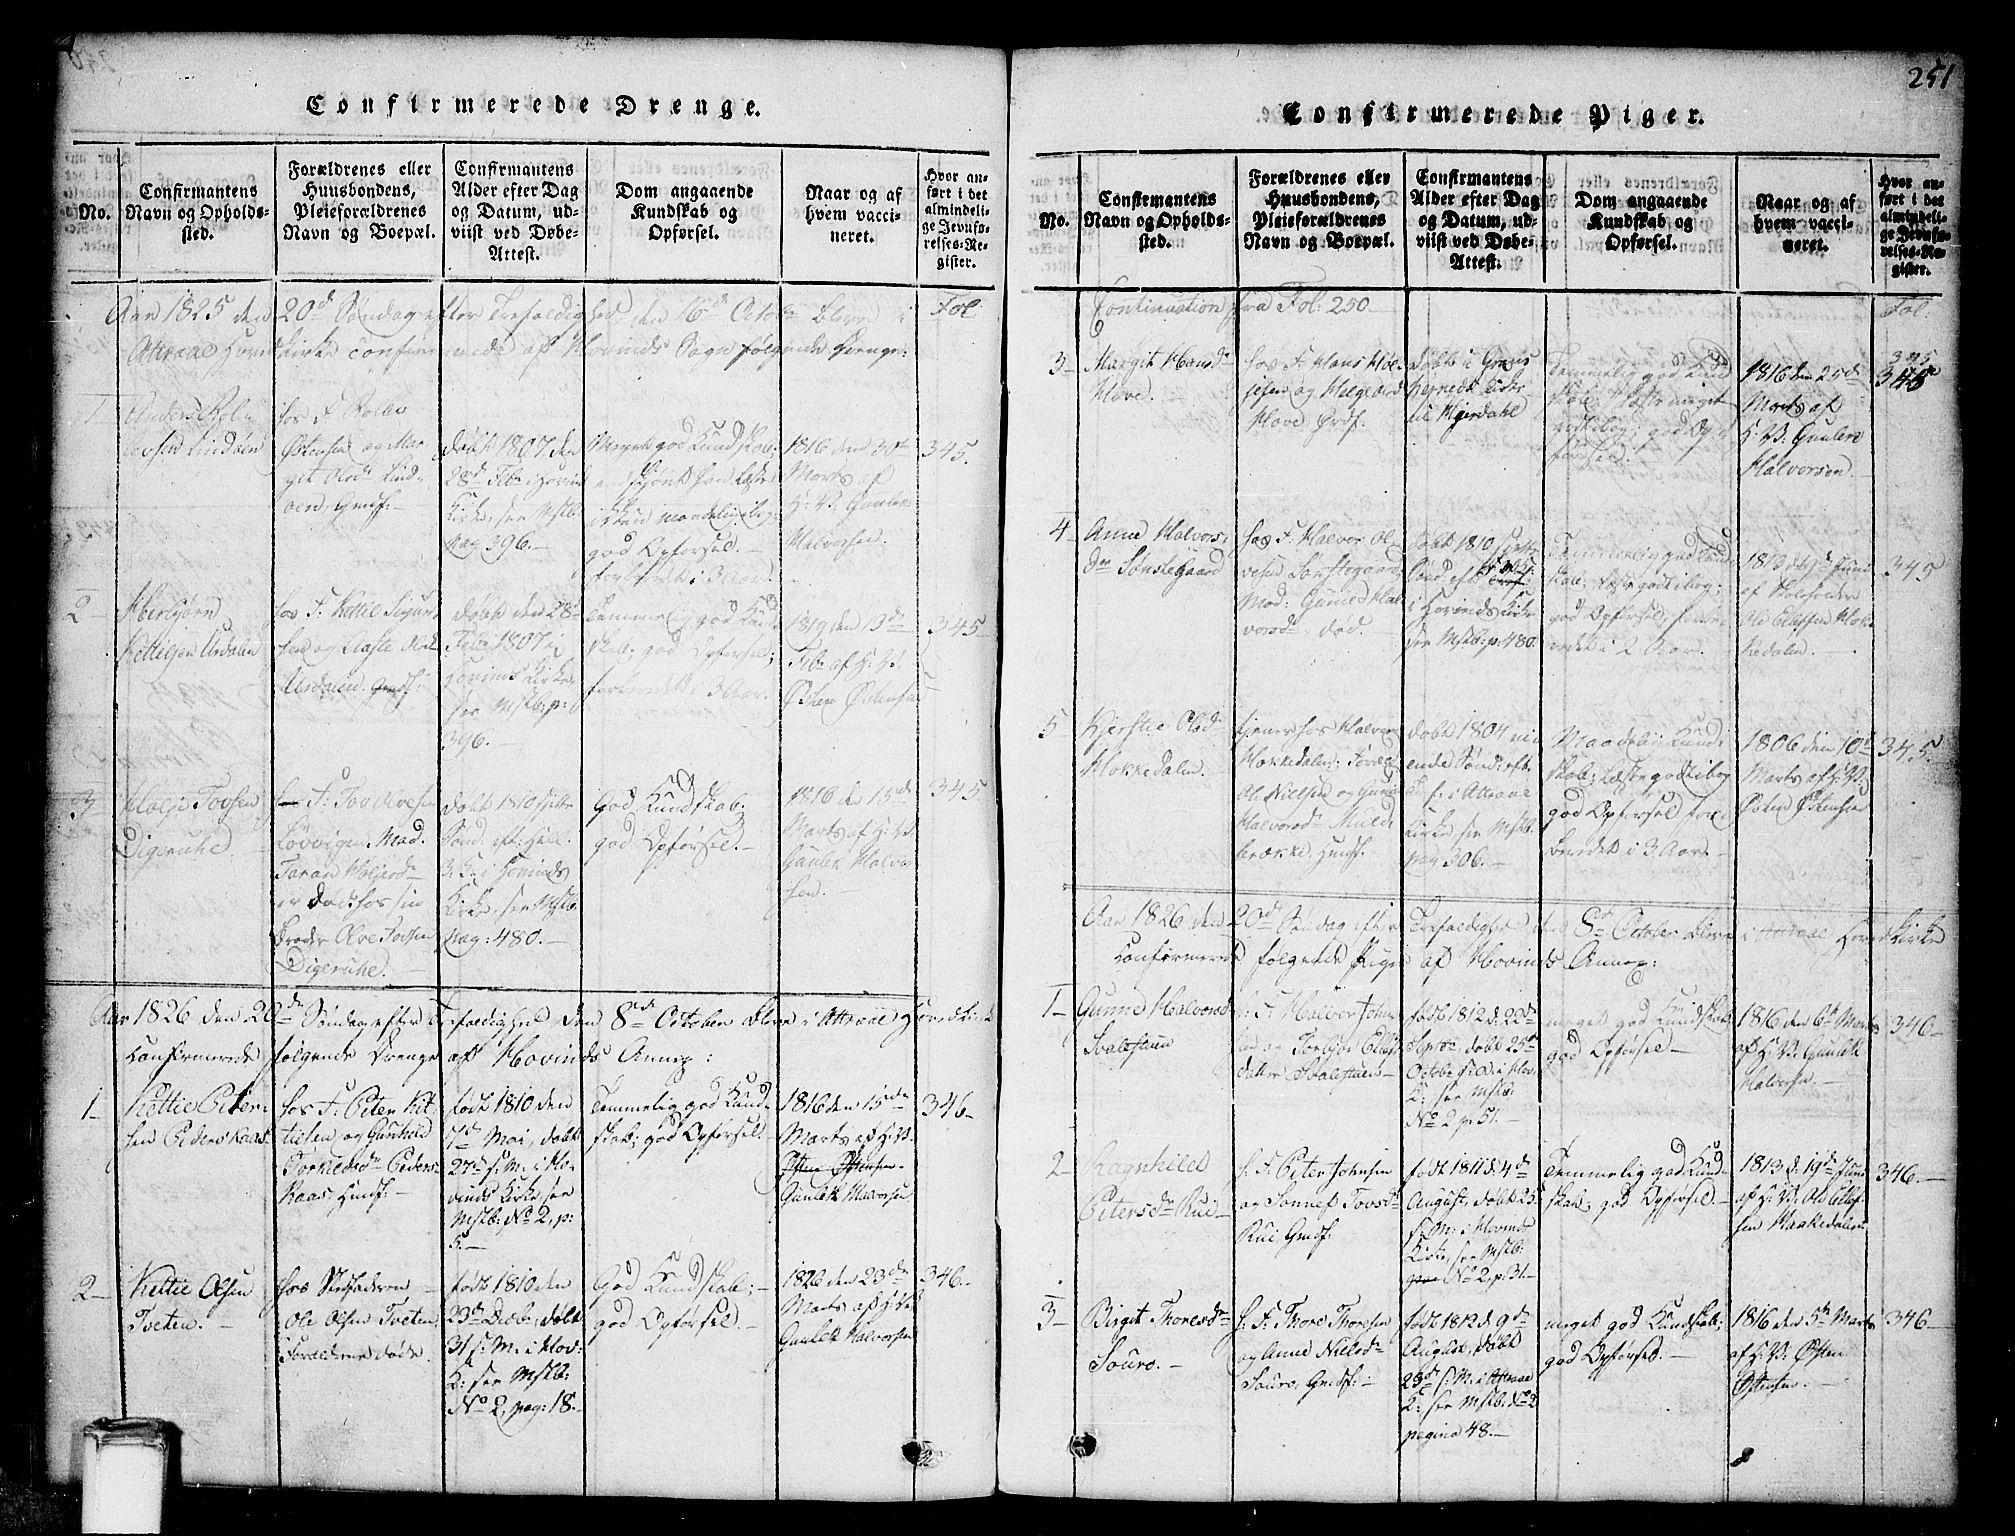 SAKO, Gransherad kirkebøker, G/Gb/L0001: Klokkerbok nr. II 1, 1815-1860, s. 251